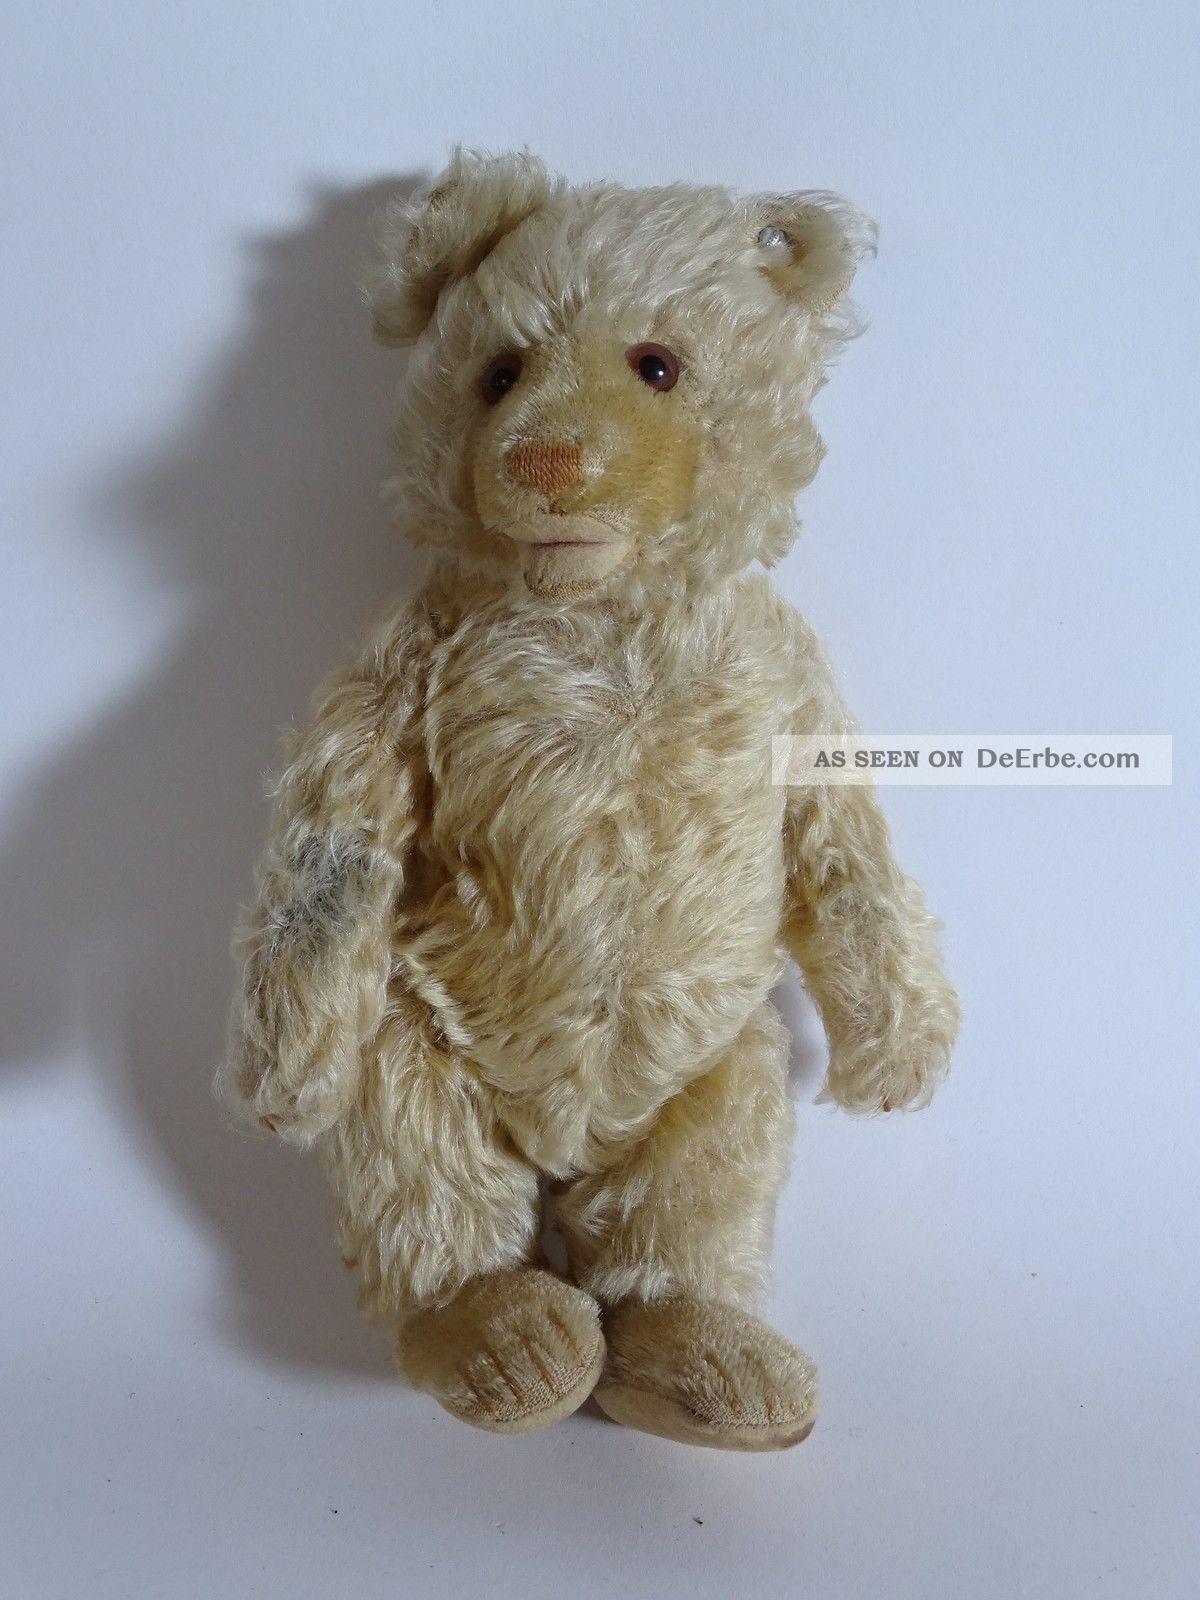 Antiker Vorkriegs Steiff Teddy Baby Langgezogenes F 5 - Fach Gegliedert Steiff Bild